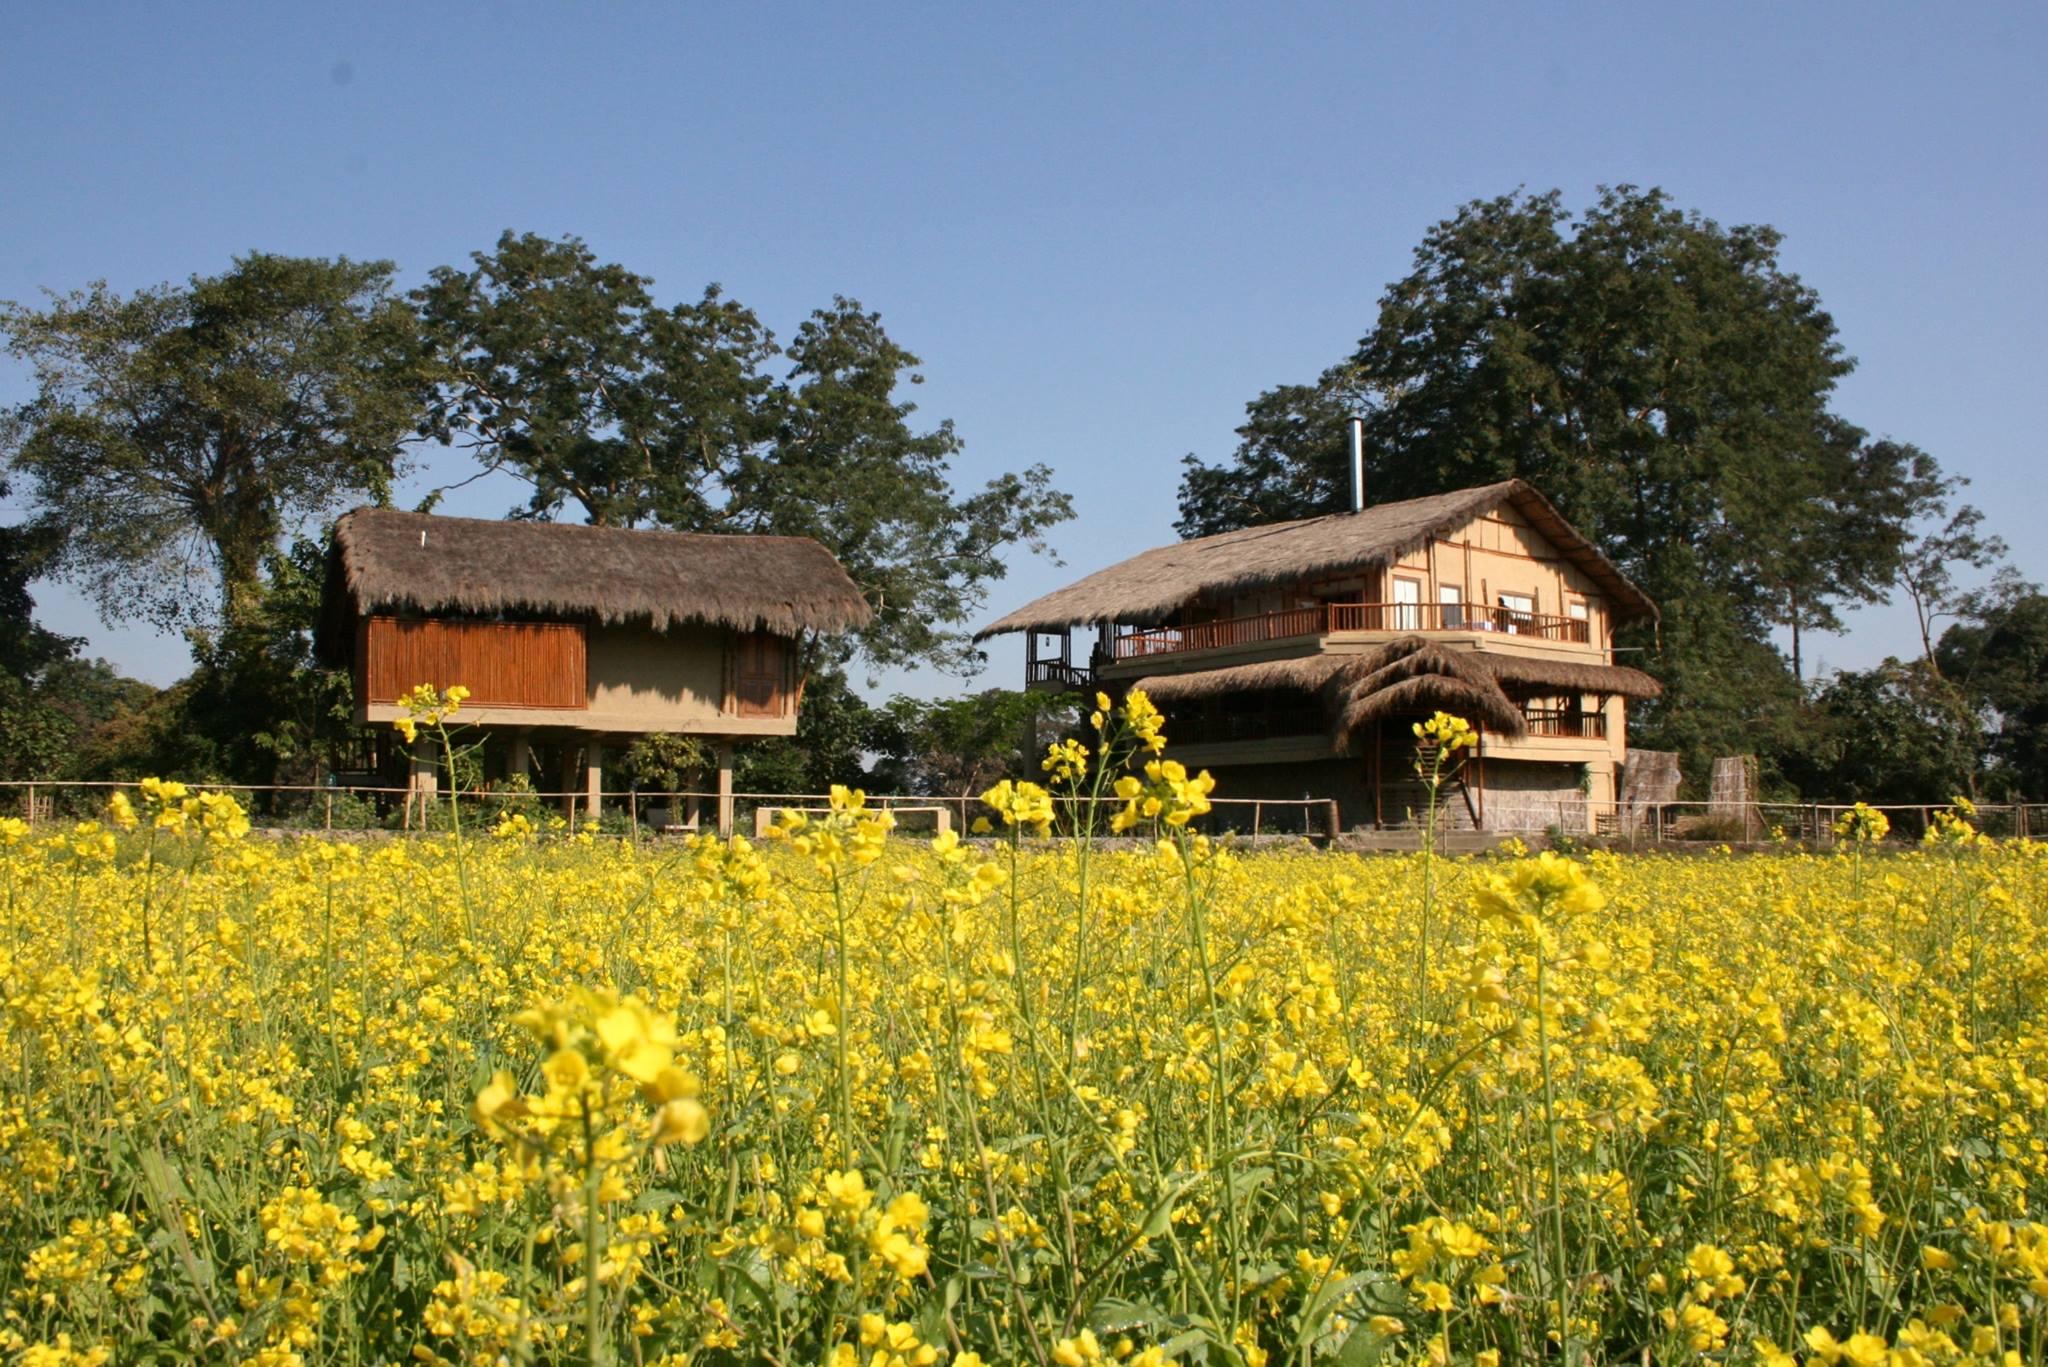 Golden mustard field